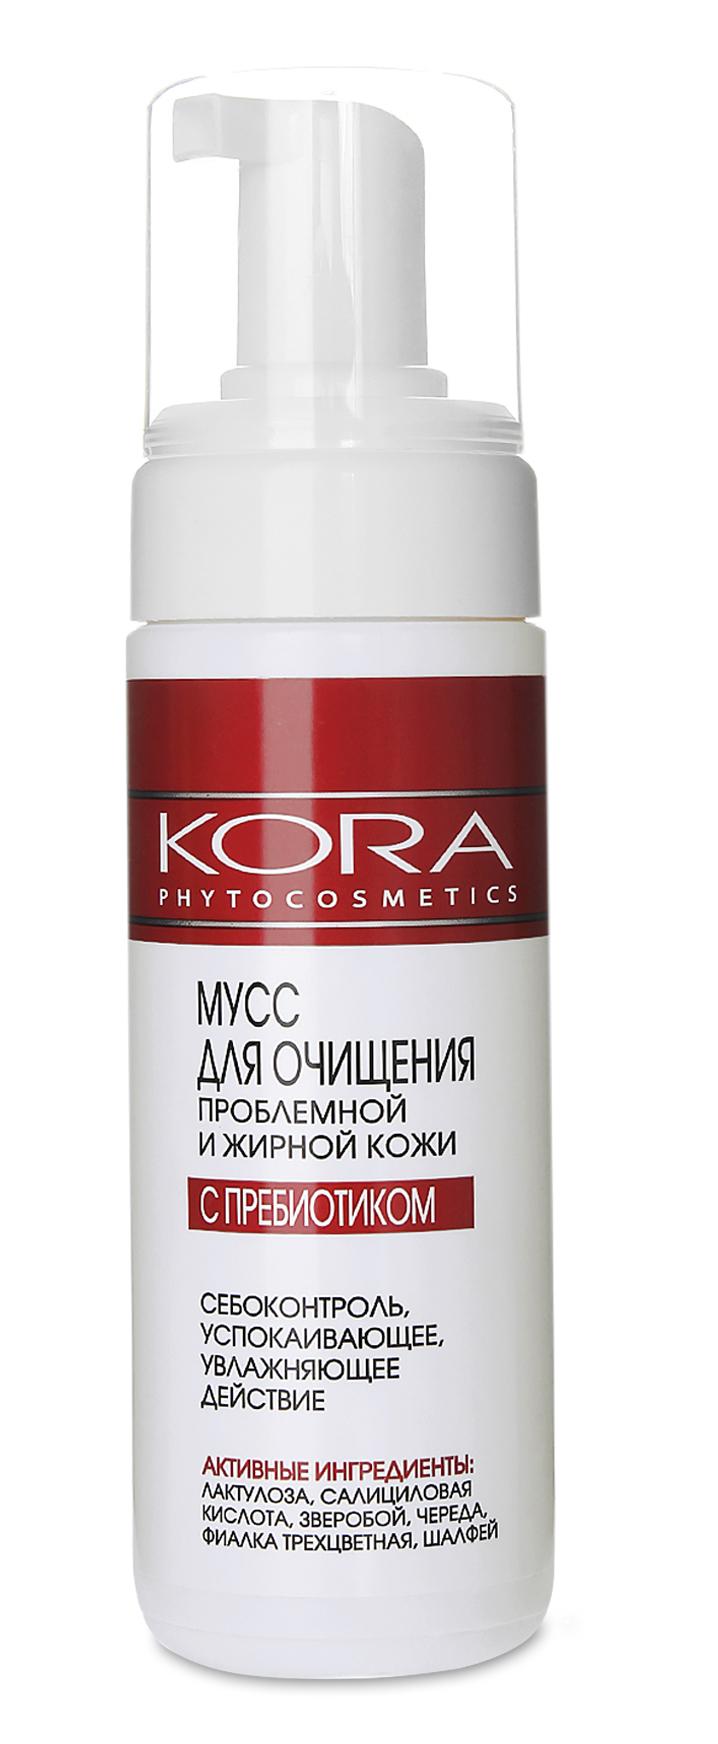 KORA Мусс для очищения проблемной и жирной кожи с пребиотиком 160 мл пенка kora мусс для очищения проблемной и жирной кожи с пребиотиком объем 160 мл